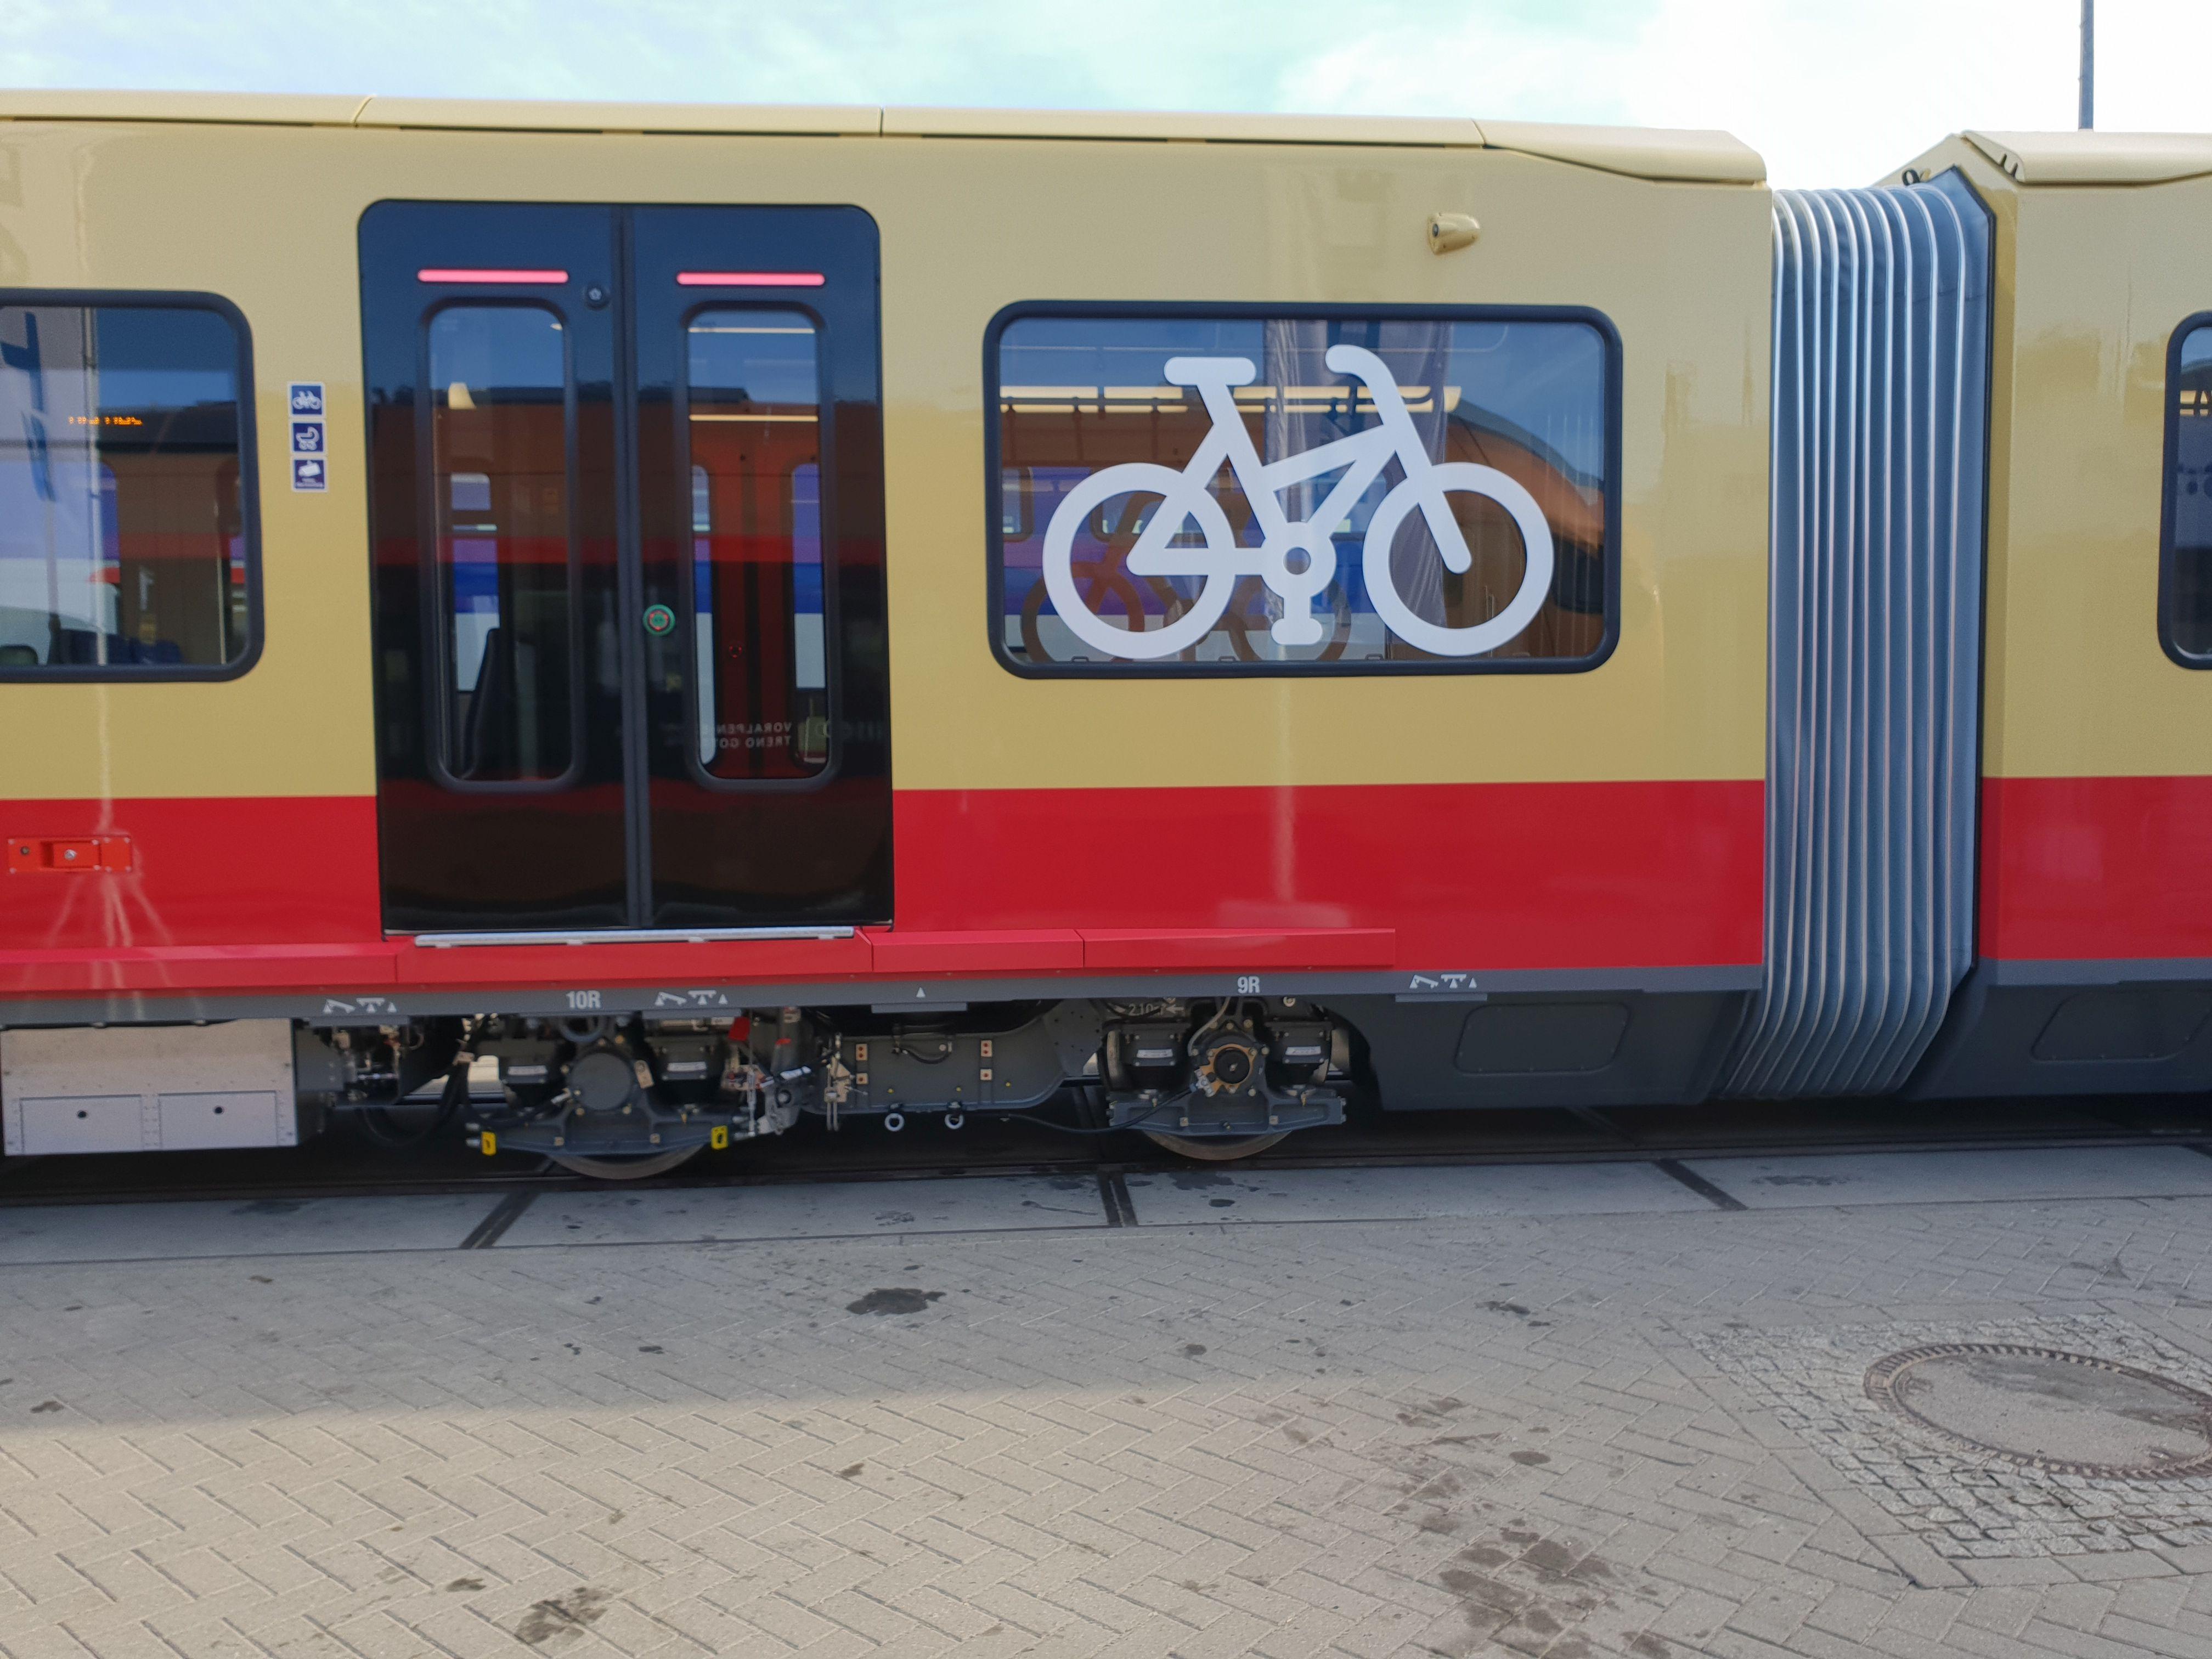 Foto: S-Bahn 484 002 D, Wagenübergang, Baureihe 483/484, Innotrans, Berlin, September 2018